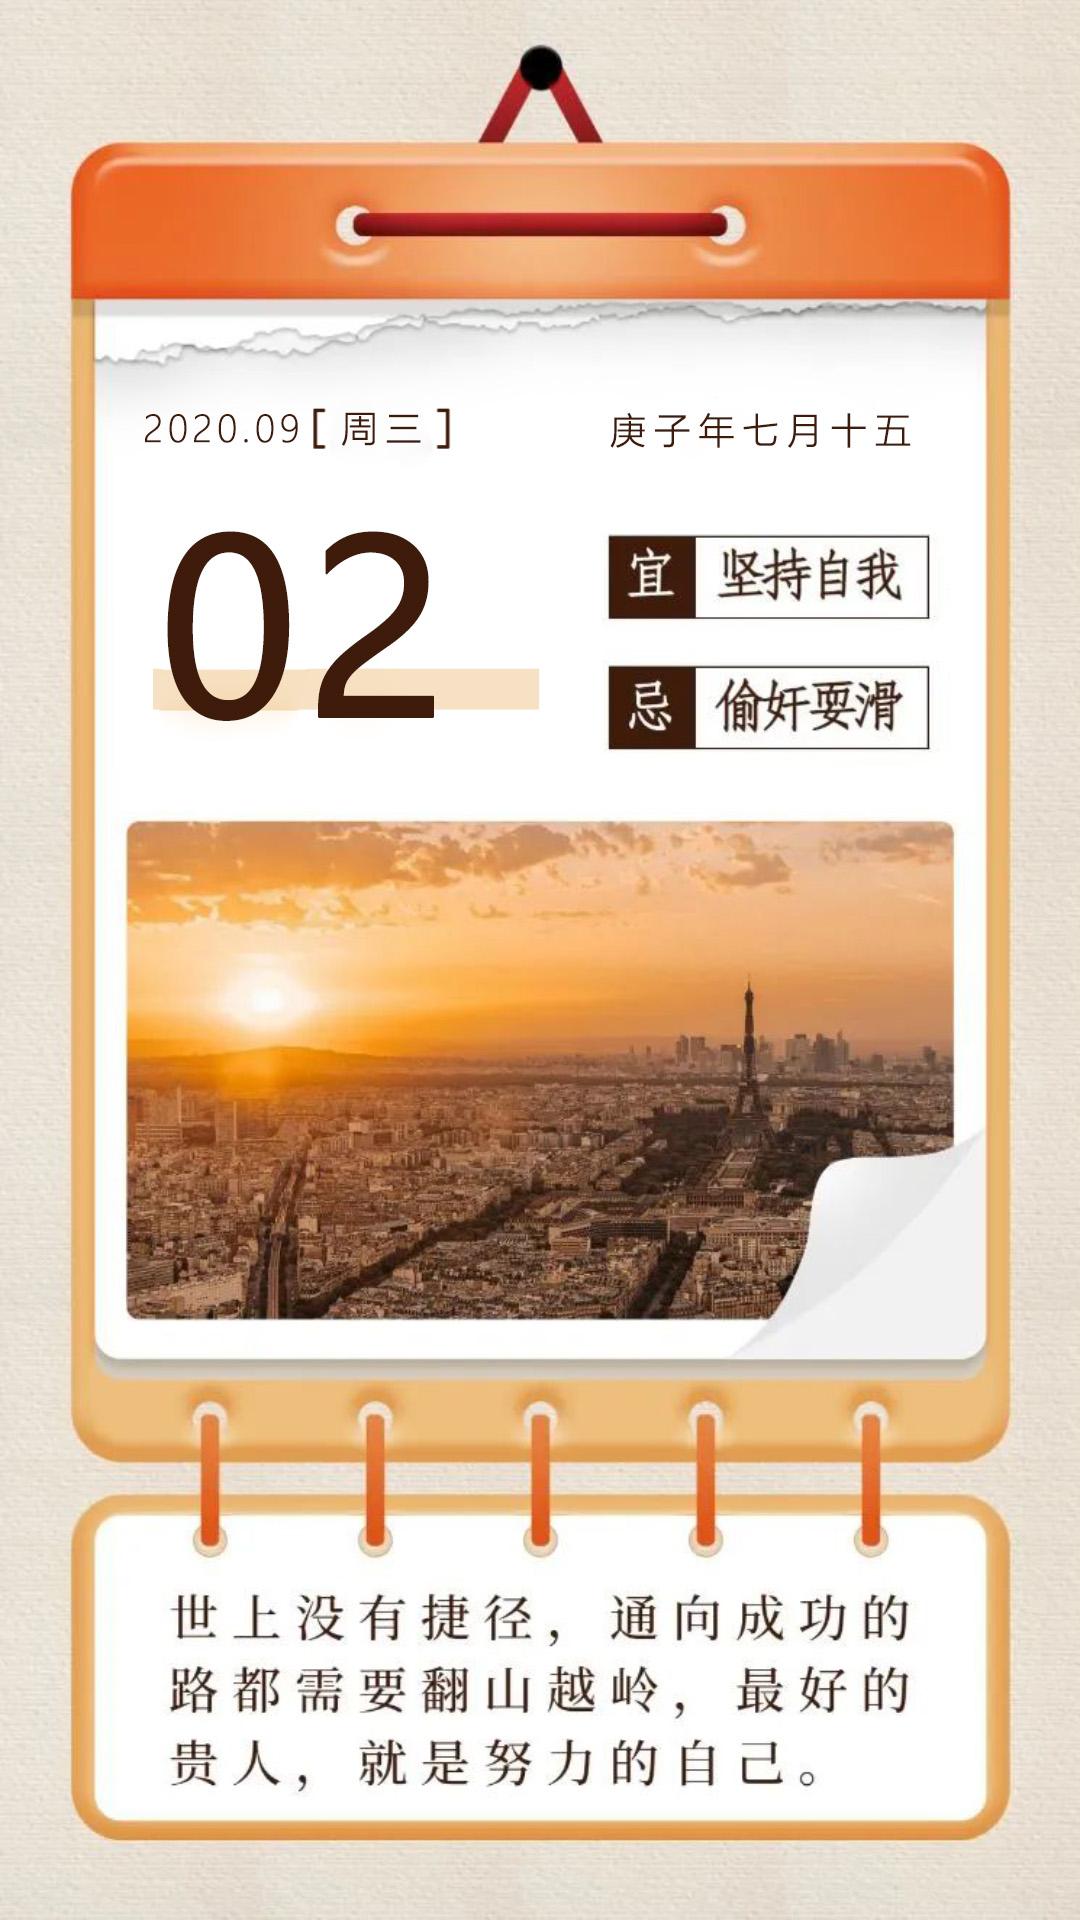 9月正能量早上好祝福语句带图片